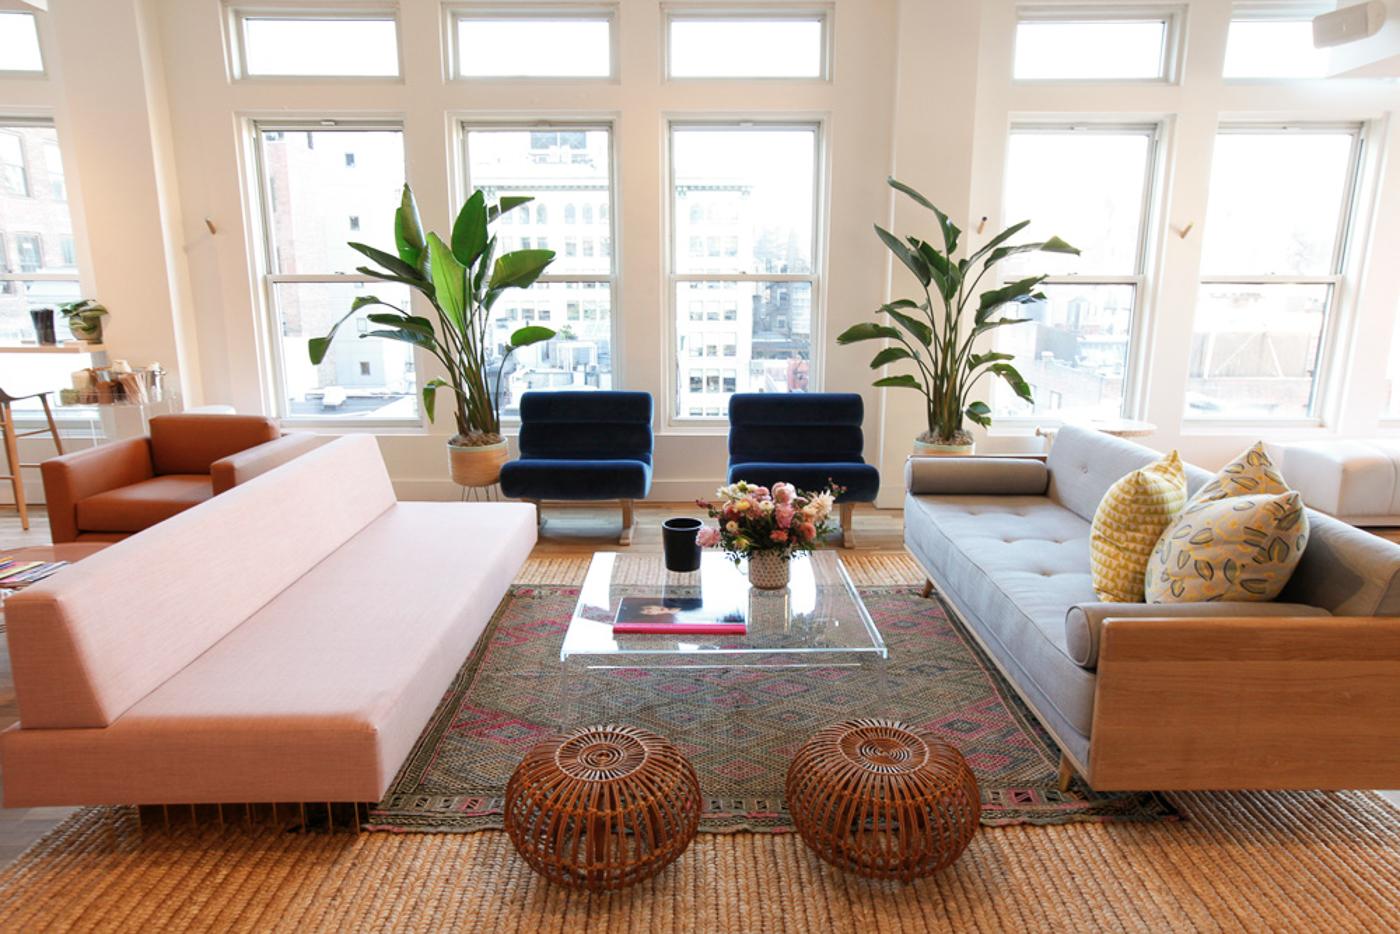 Salon d'esprit 60's avec deux canapés et des plantes devant une baie vitrée, à The Wing, espace de coworking à New York